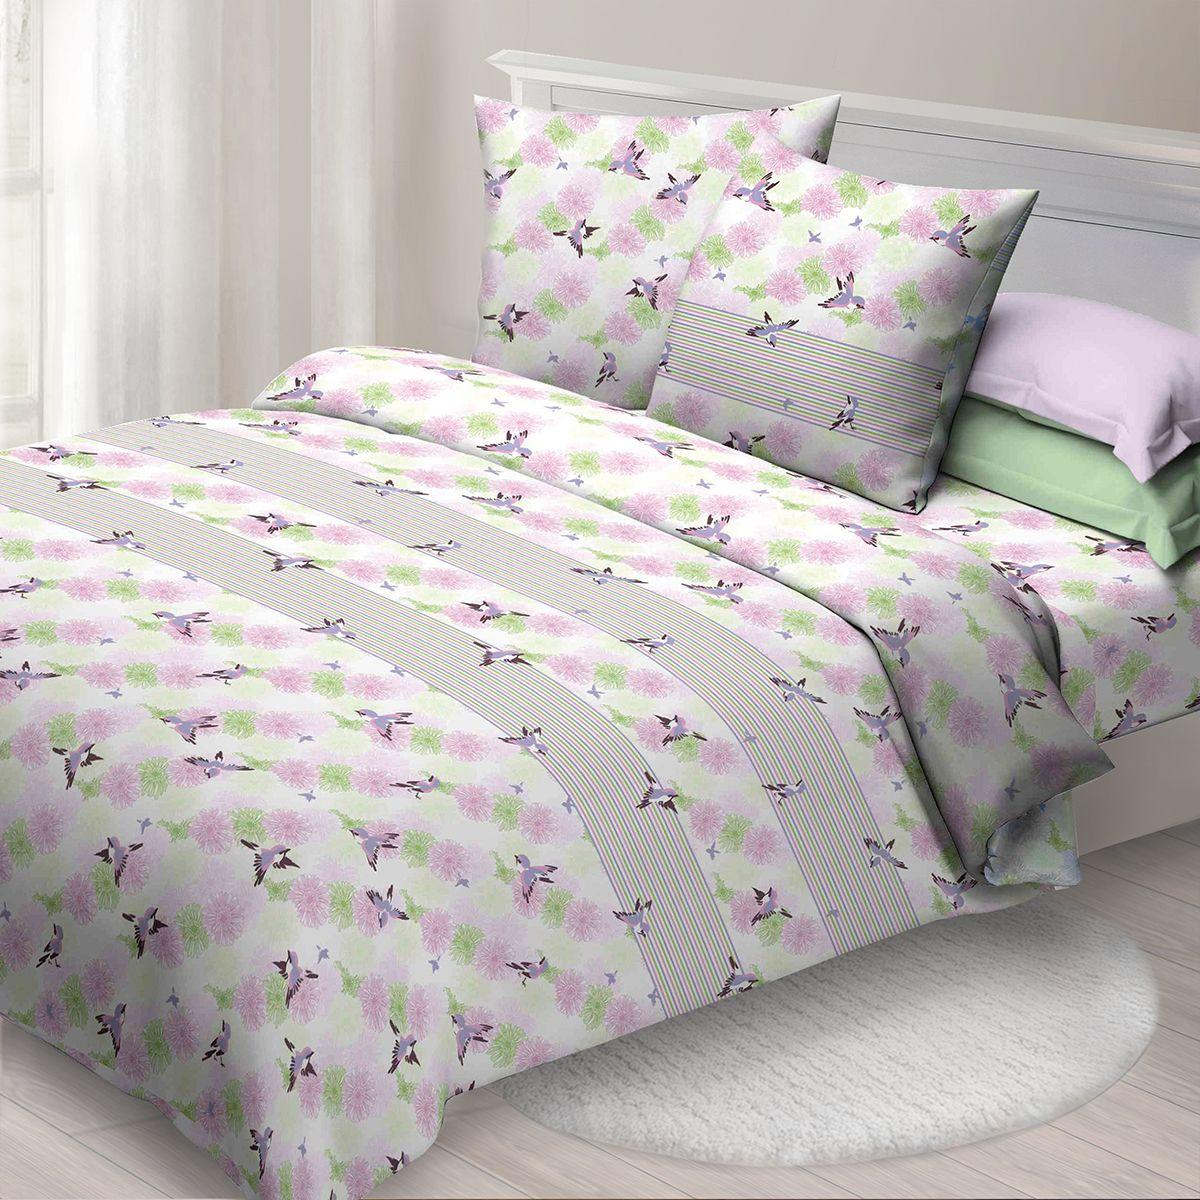 Комплект белья Спал Спалыч Ариана, 1,5 спальное, наволочки 70x70, цвет: розовый. 4085-184188